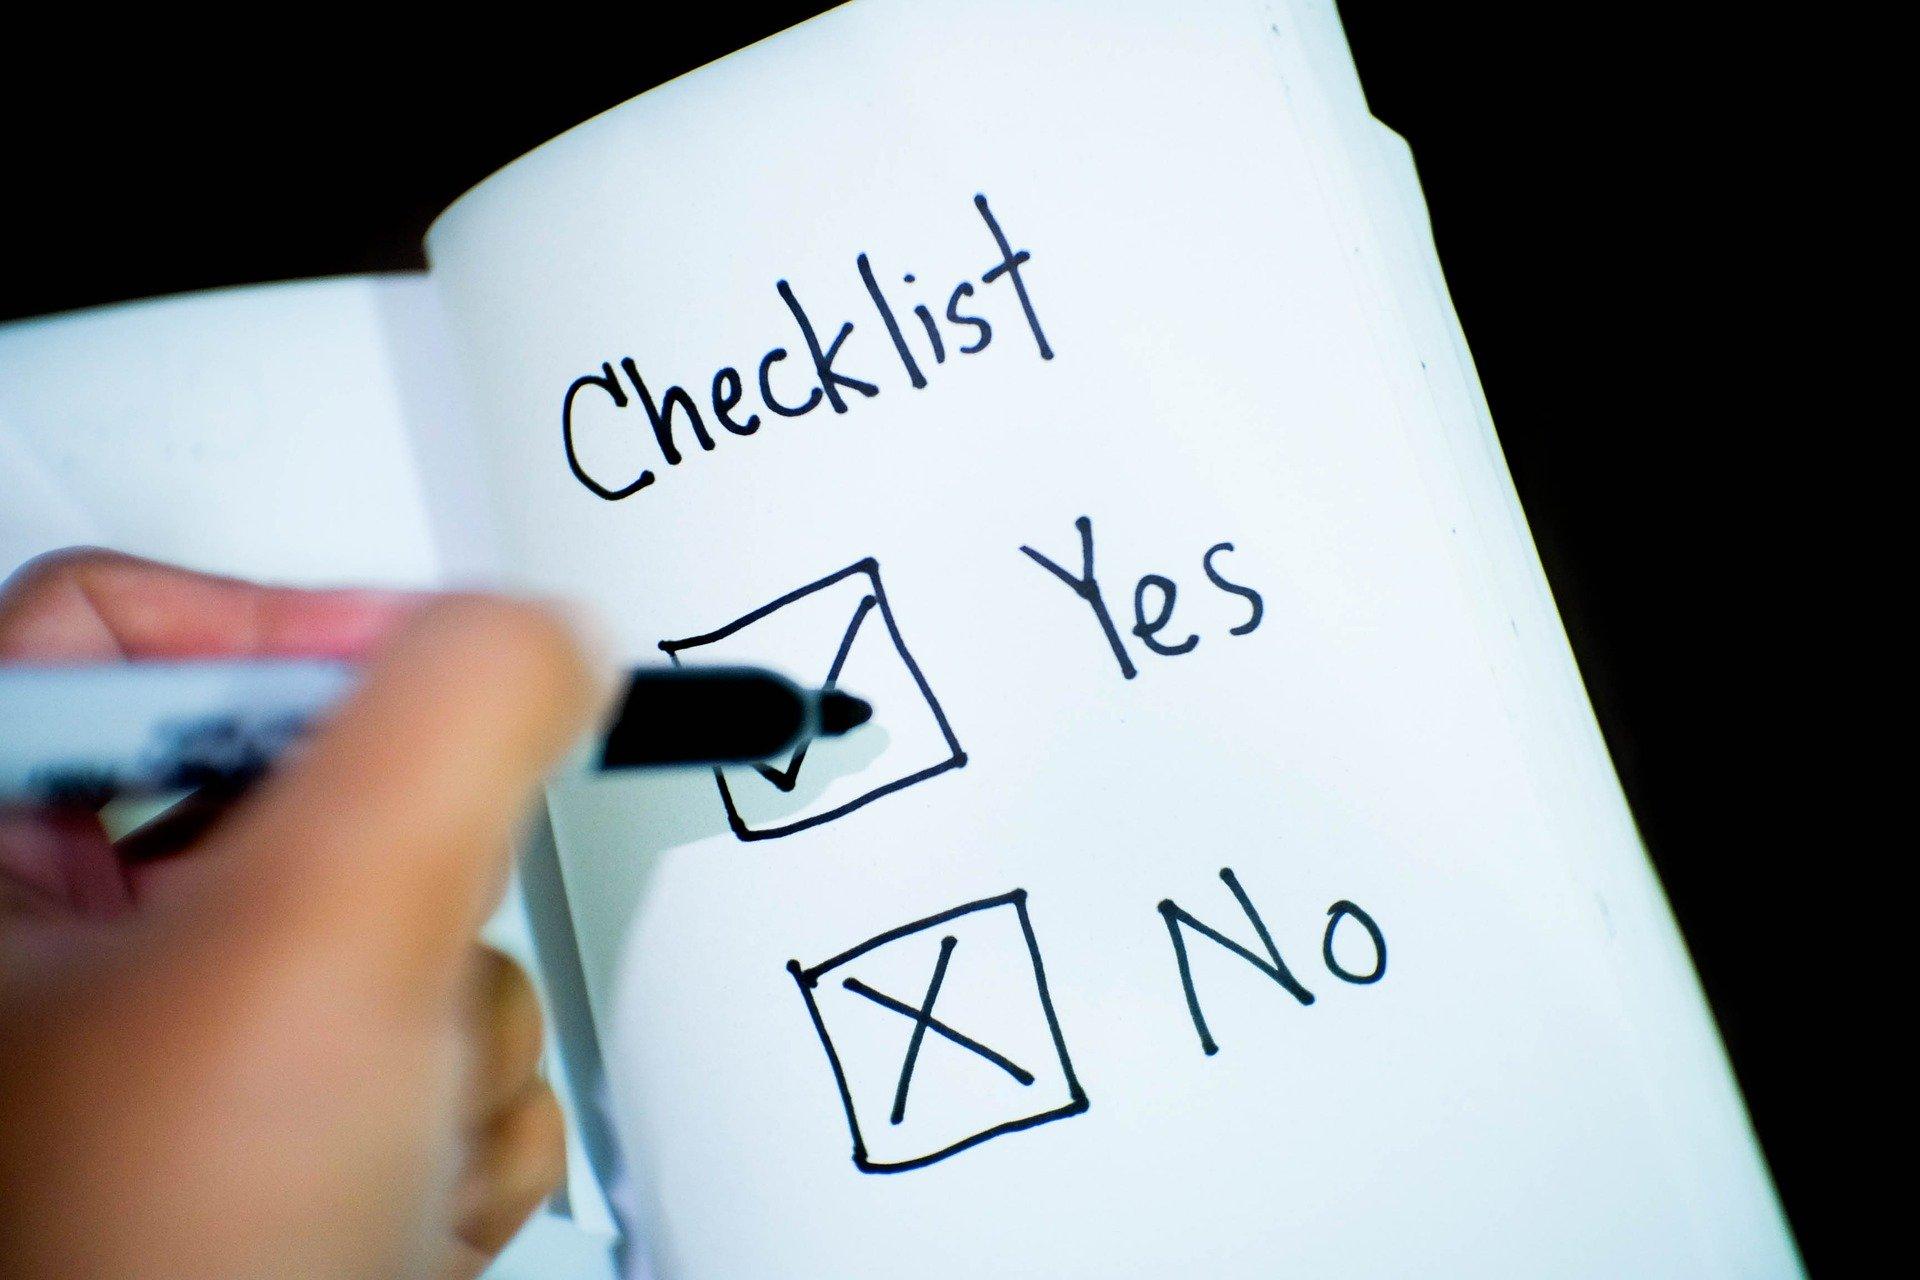 期間工に応募する際は条件を満たしているか確認しよう